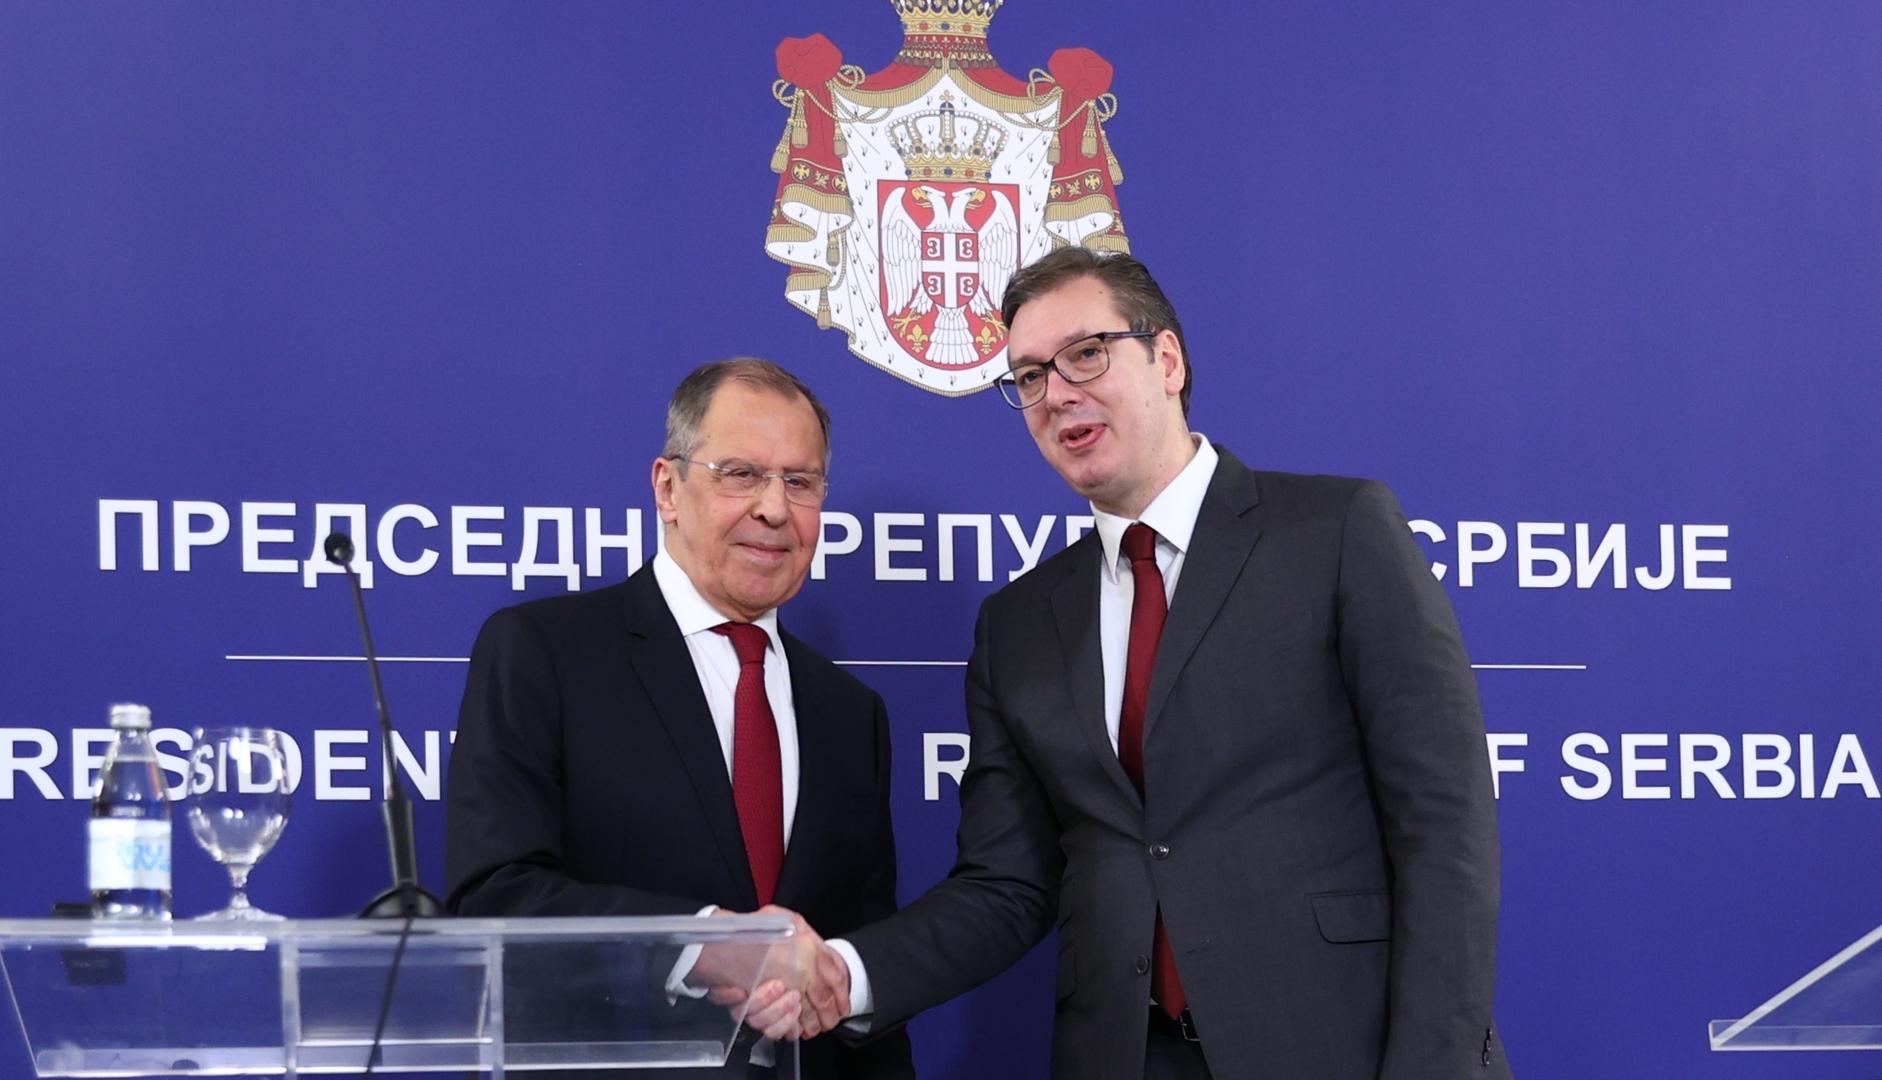 لافروف يدعو الاتحاد الأوروبي لأداء المهام المناطة به بشأن كوسوفو